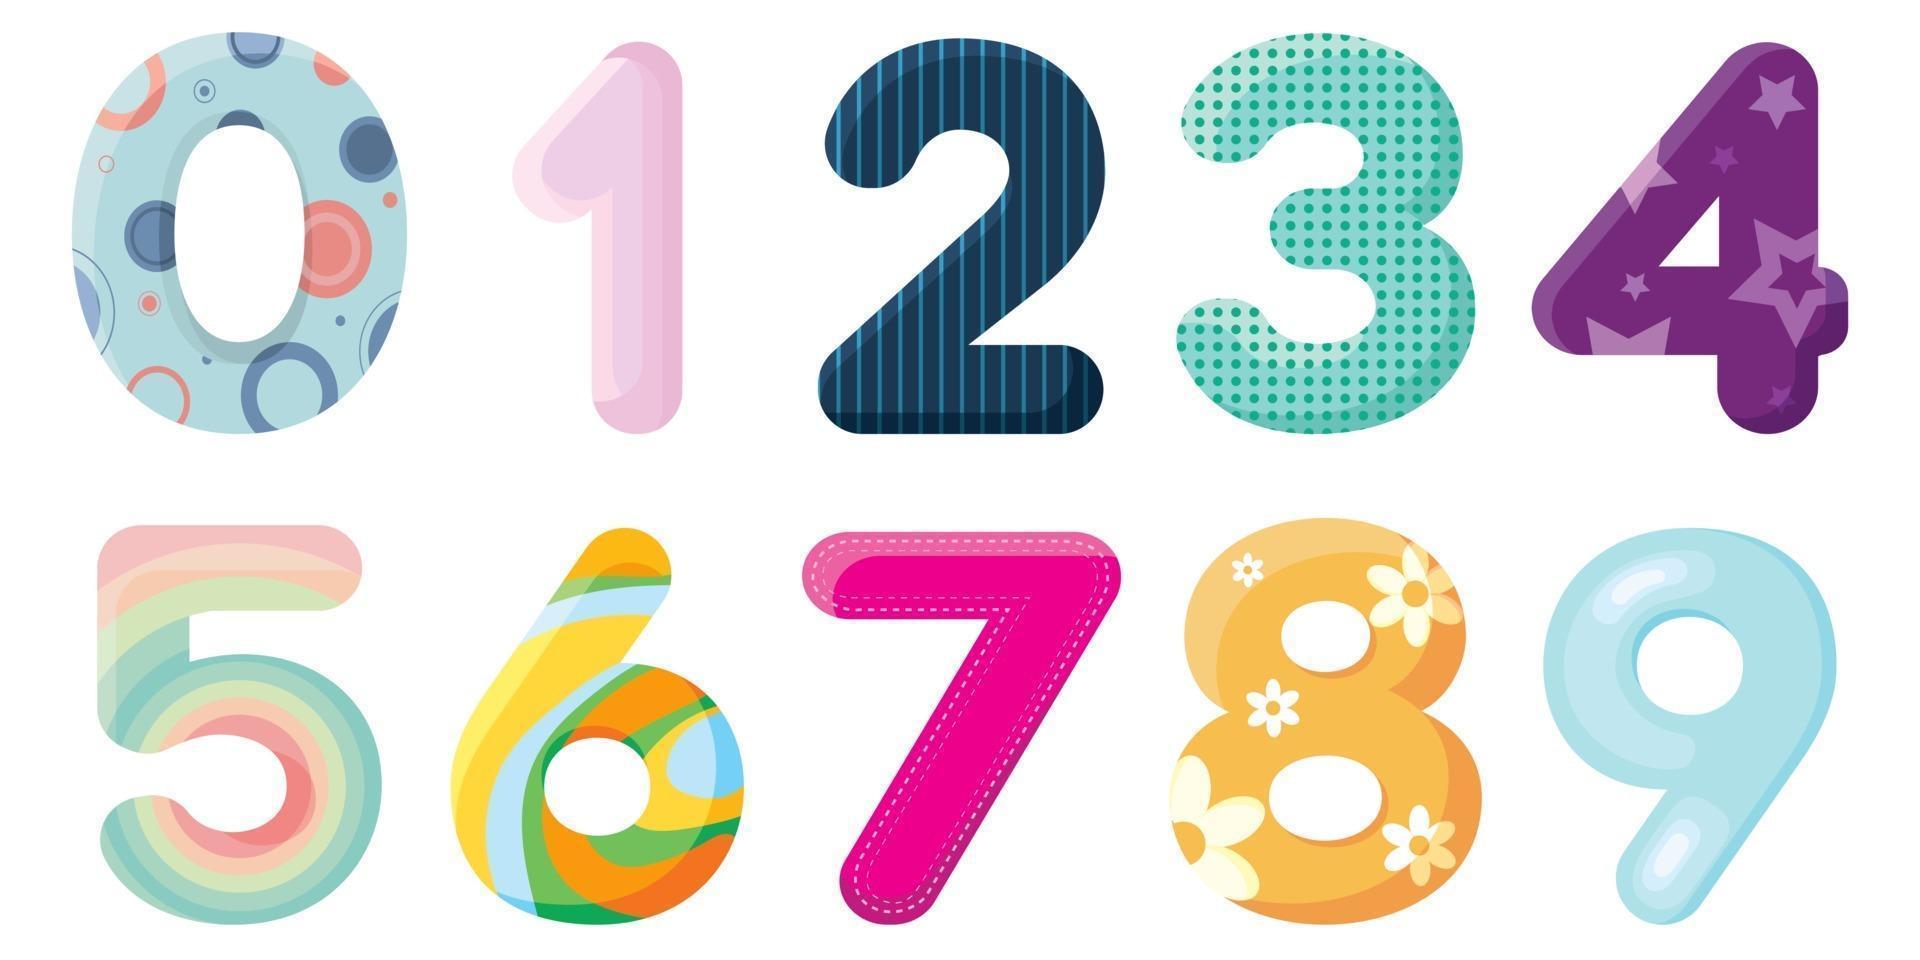 insieme di numeri multicolori per qualsiasi combinazione. vettore